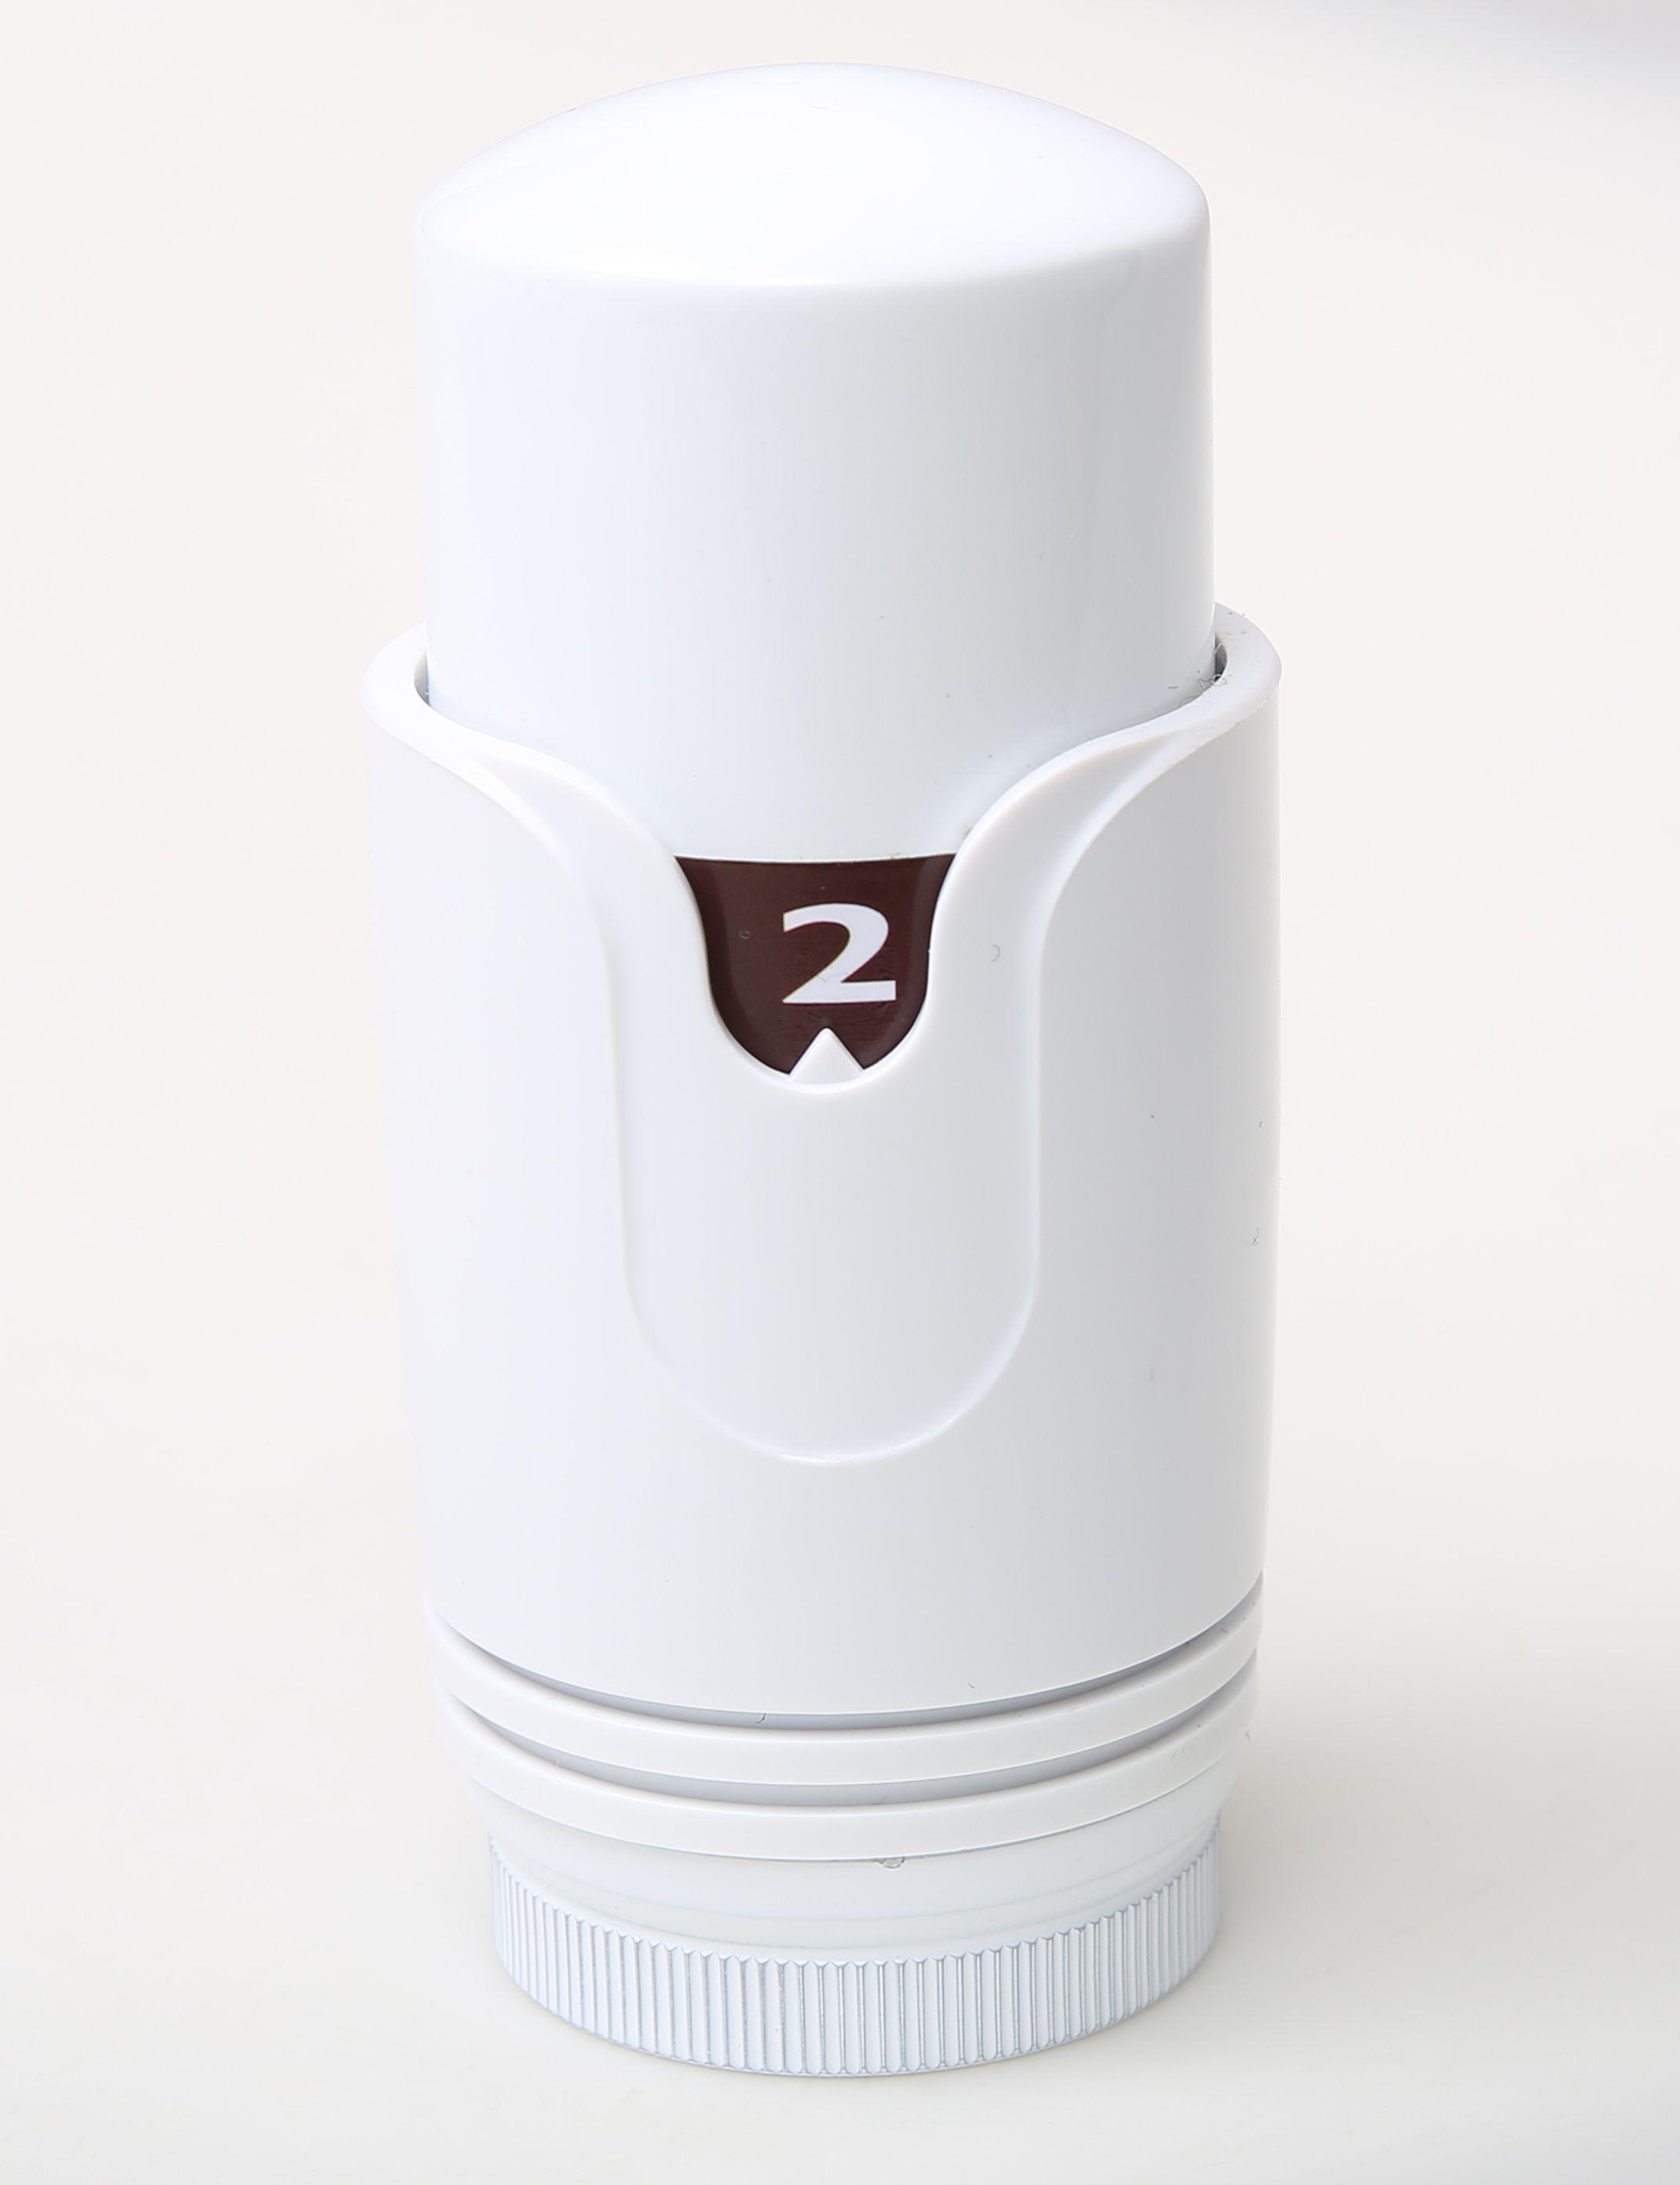 Anschlussgarnitur inkl. Thermostat in weiß (Mittelanschluss)